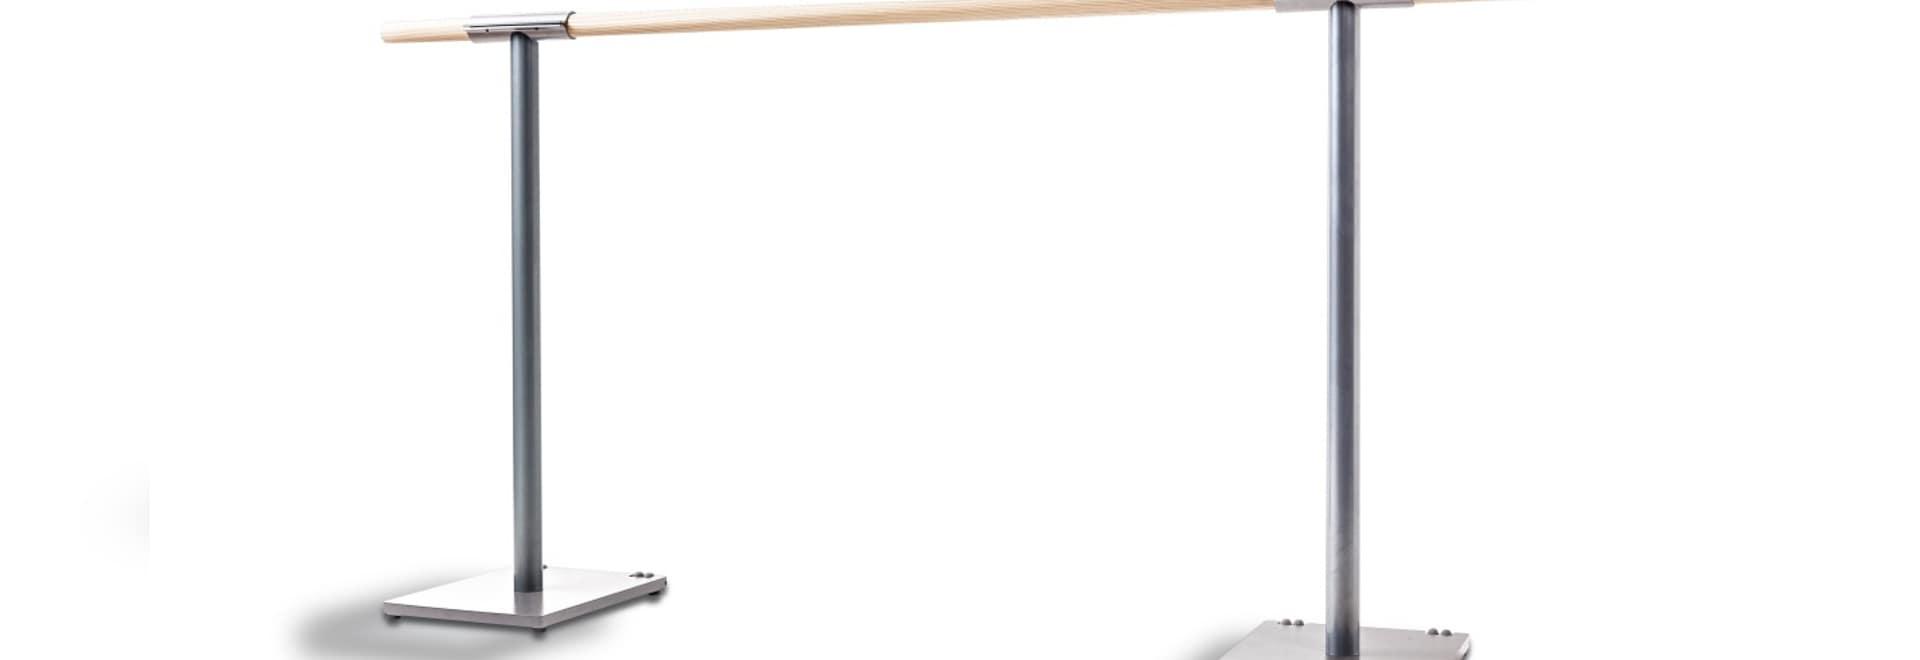 Nuova singola sbarra portatile AVANT di balletto